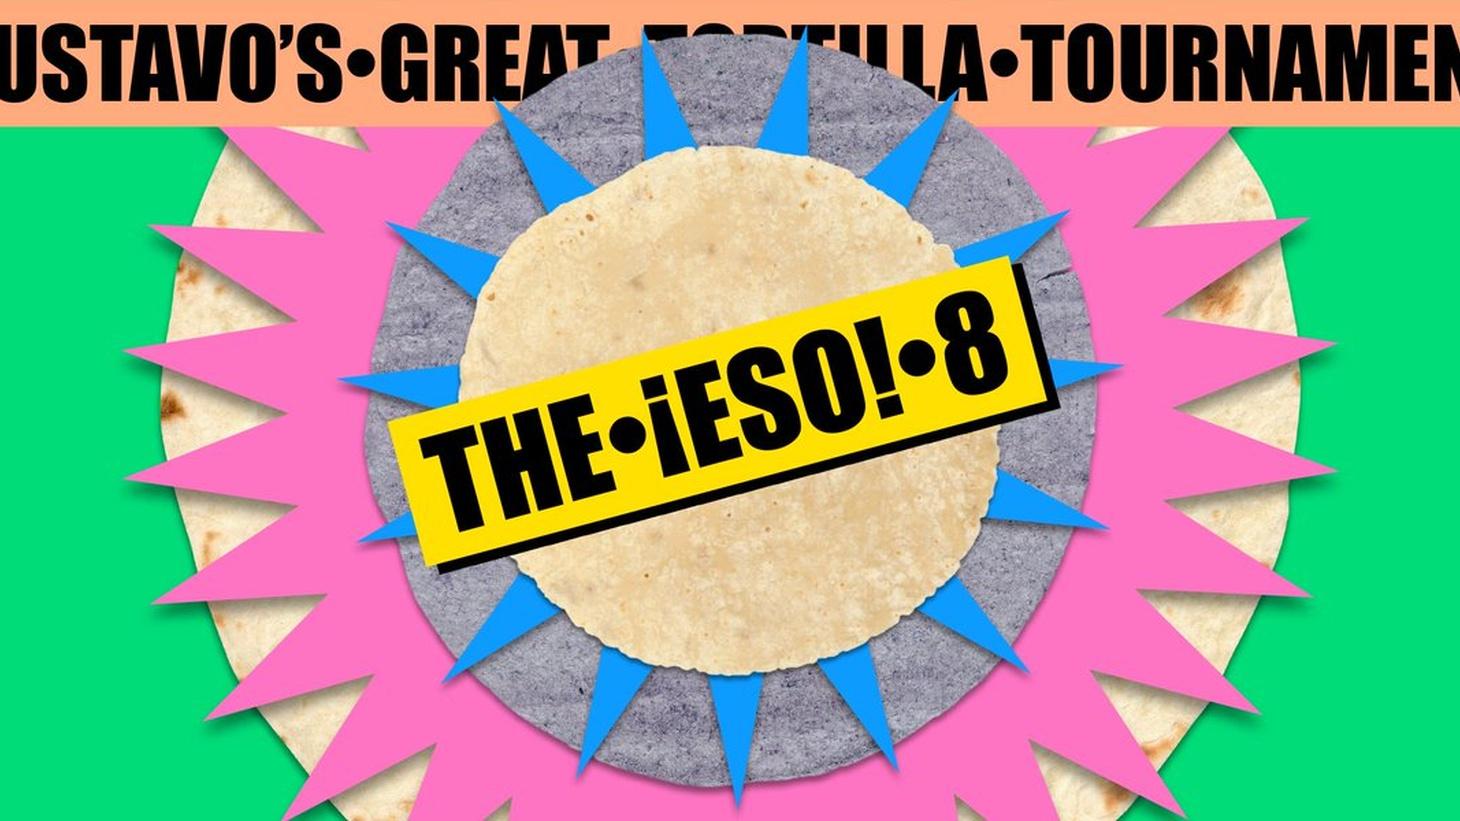 Gustavo's Great Tortilla Tournament: the ¡Eso 8!